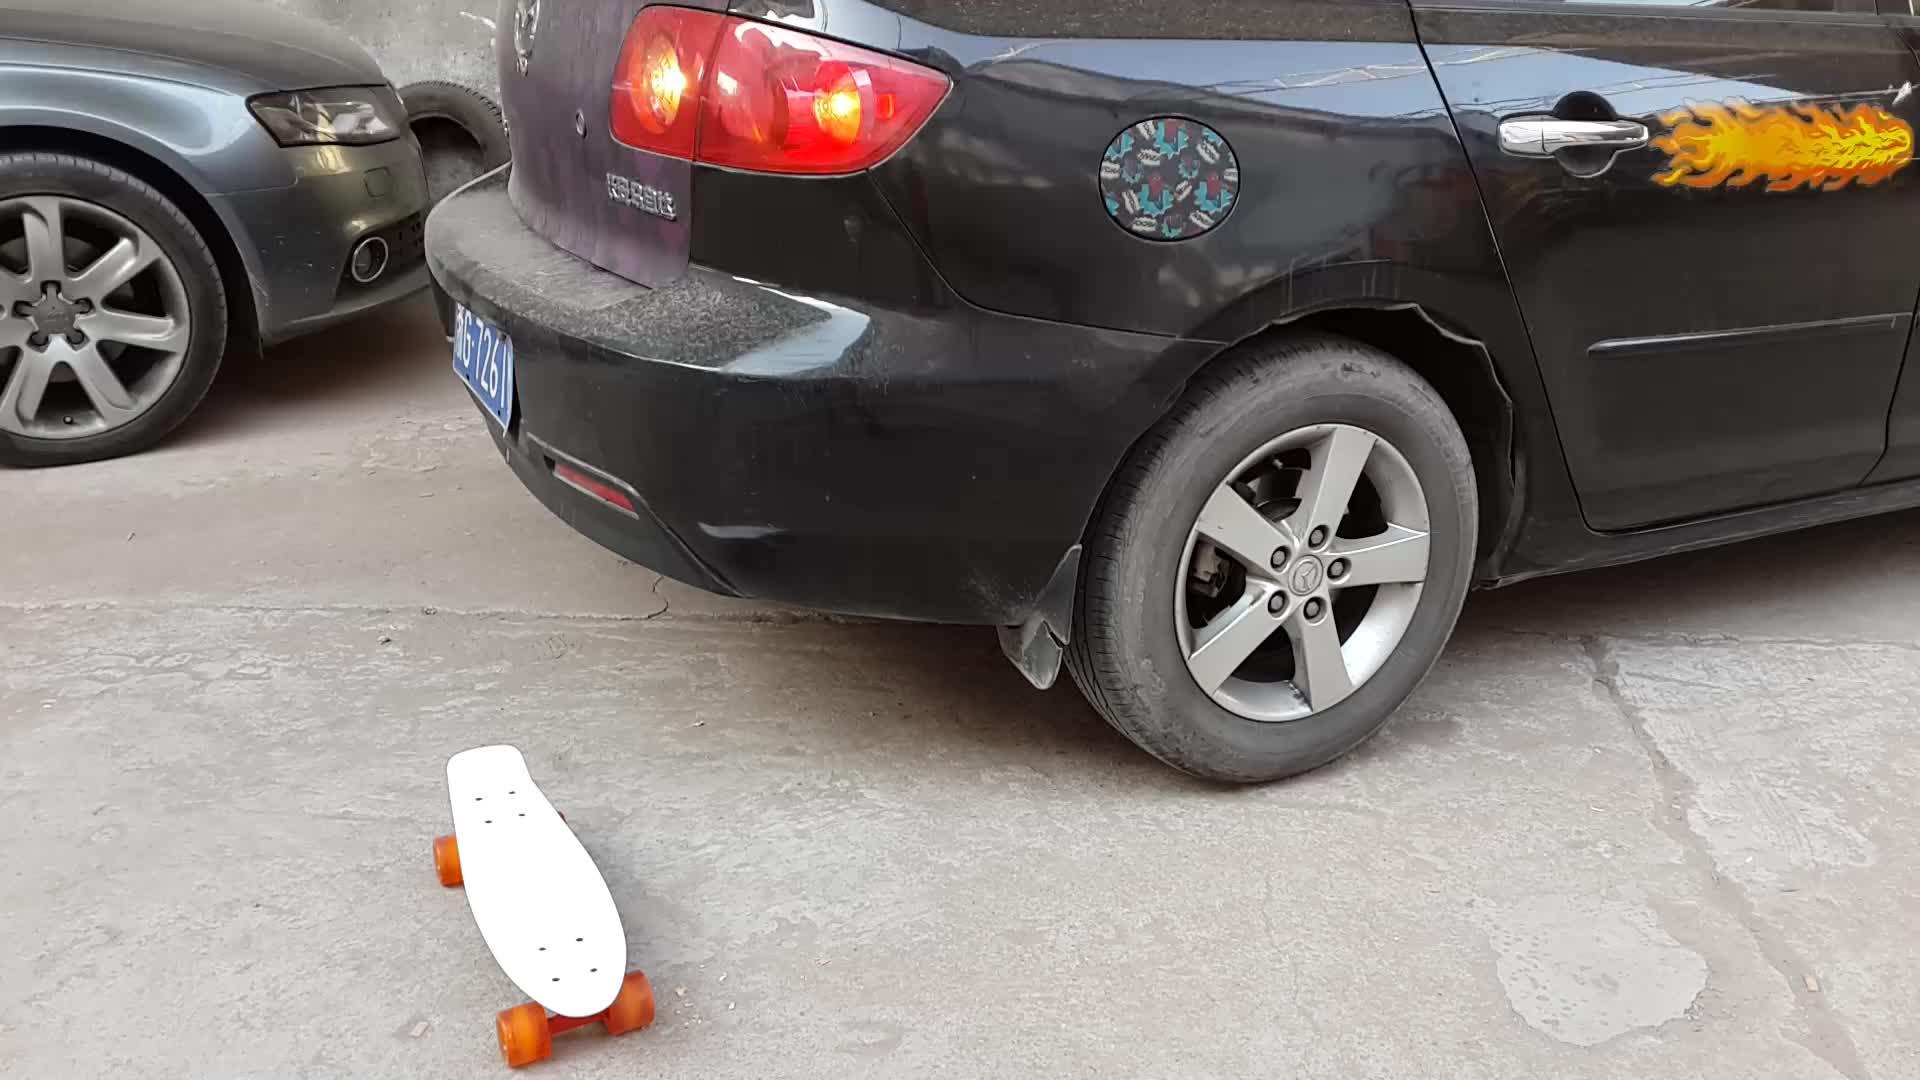 Atacado 22 Polegadas Plástico Cruiser Estilo Retro Plastic Skate com Rodas de PU Suave